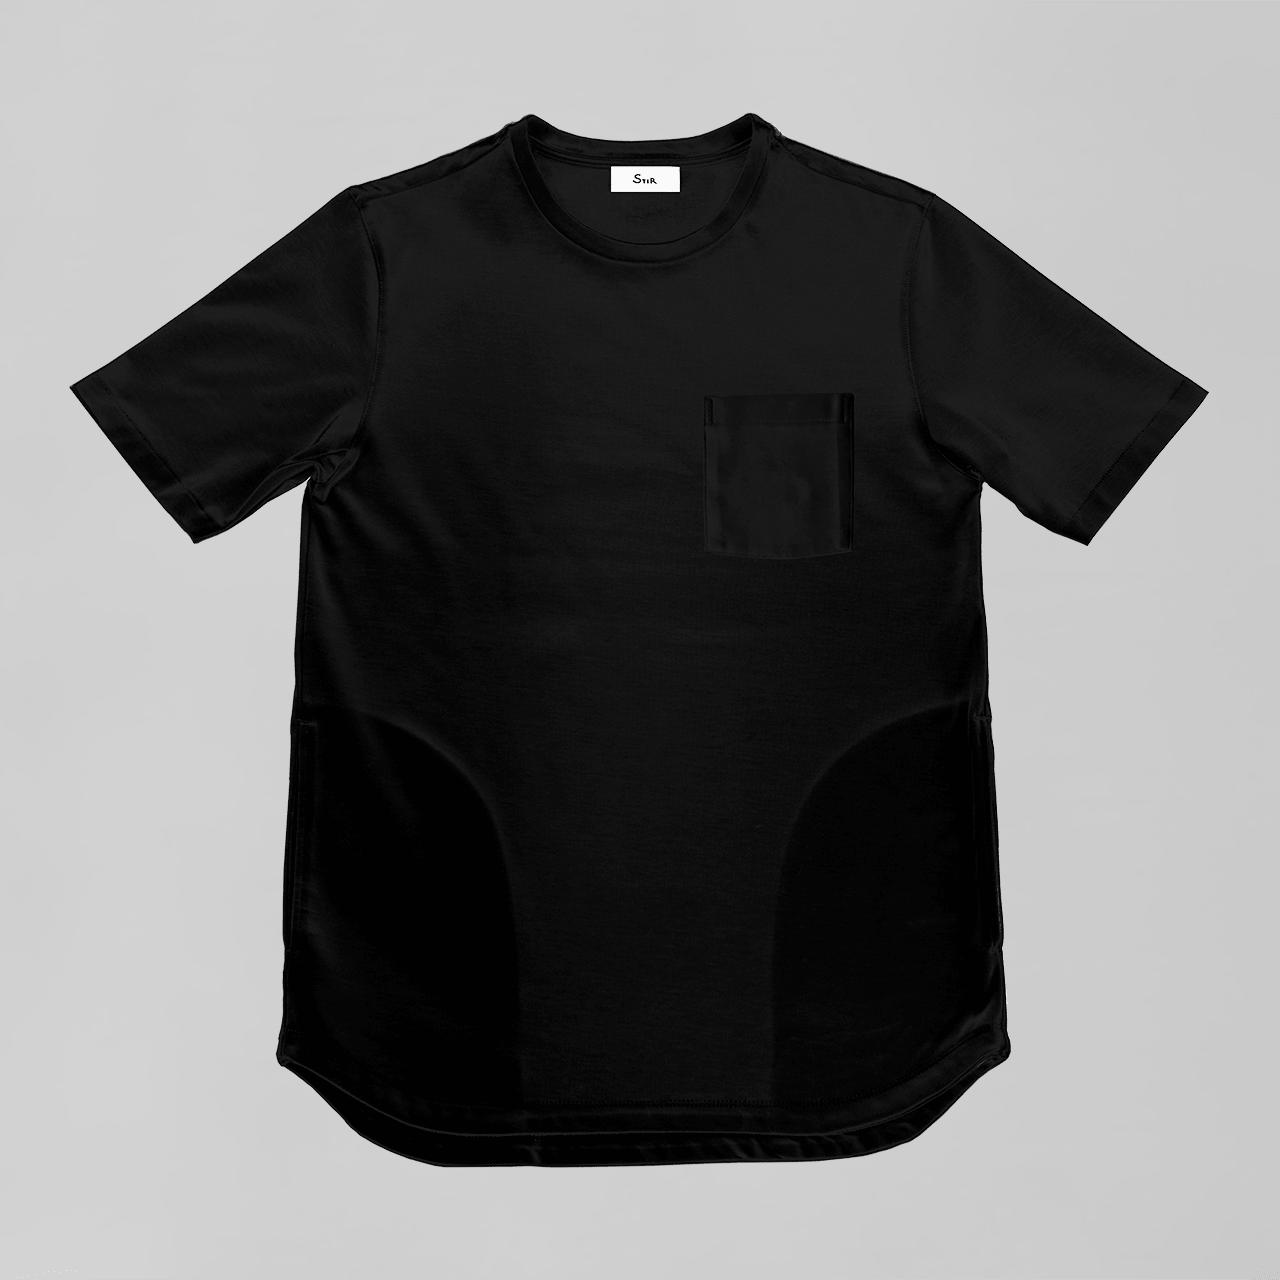 オーセンティックポケットT / Authentic Pocket T #BLACK